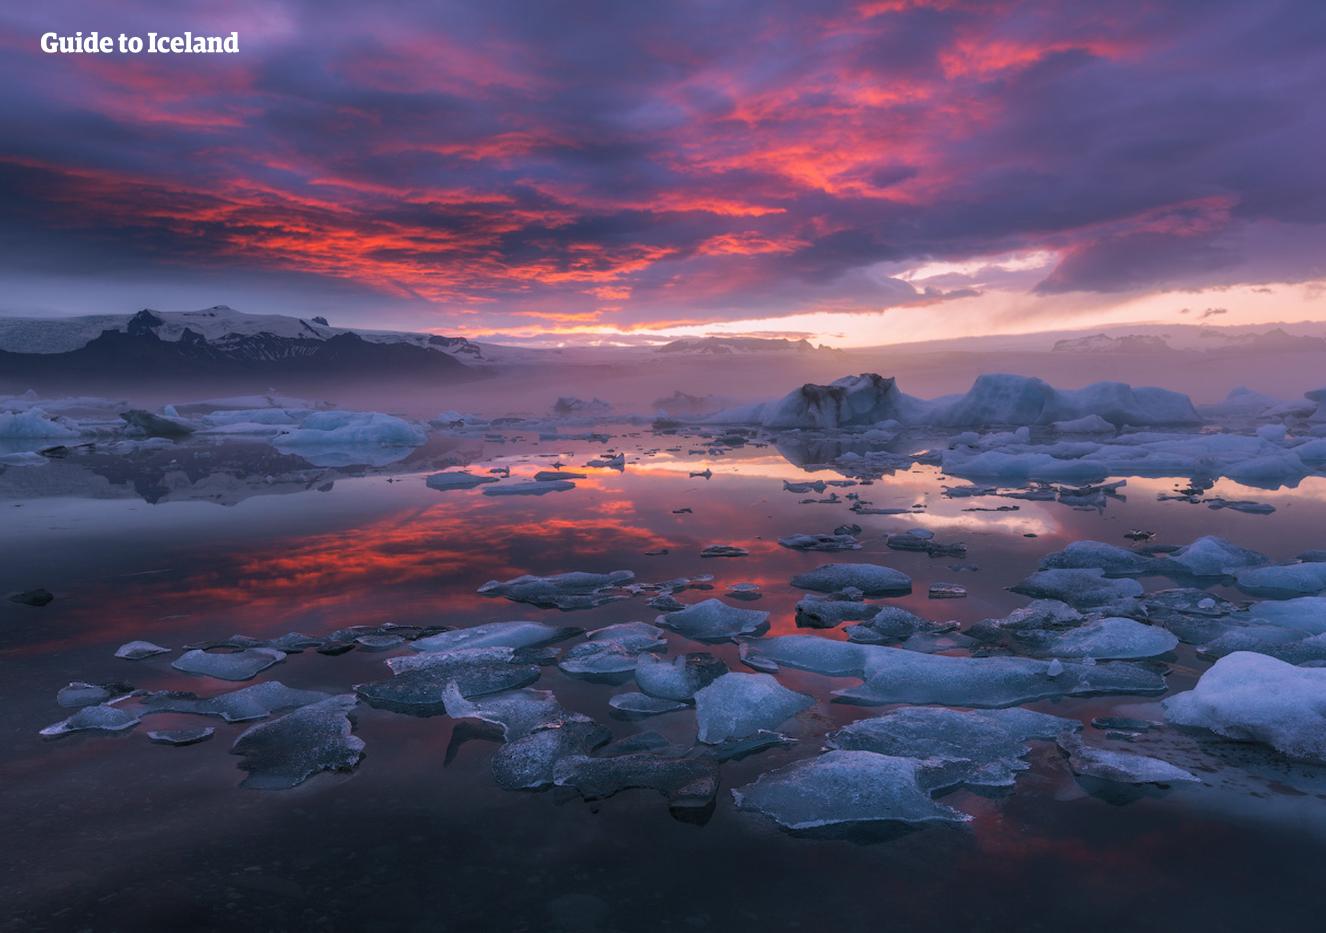 10-дневный летний автотур по Исландии | Близкое знакомство с главными достопримечательностями кольцевой дороги - day 4